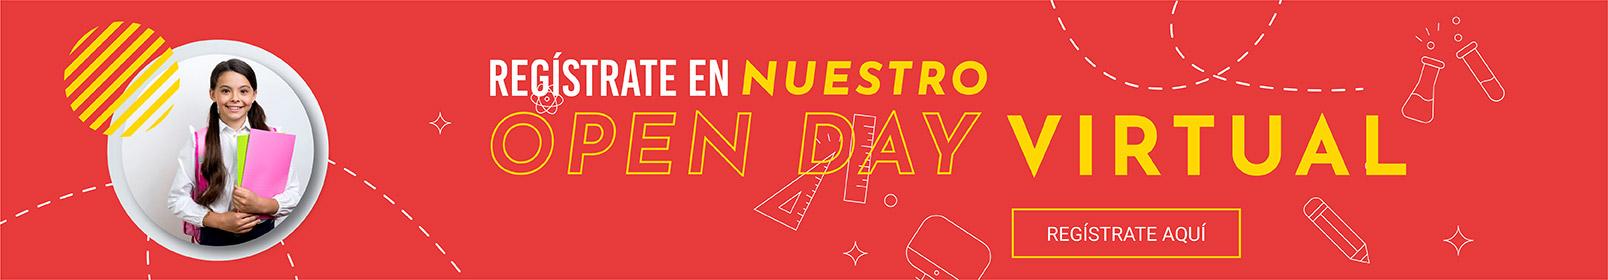 Regístrate en Nuestro Open Day Virtual